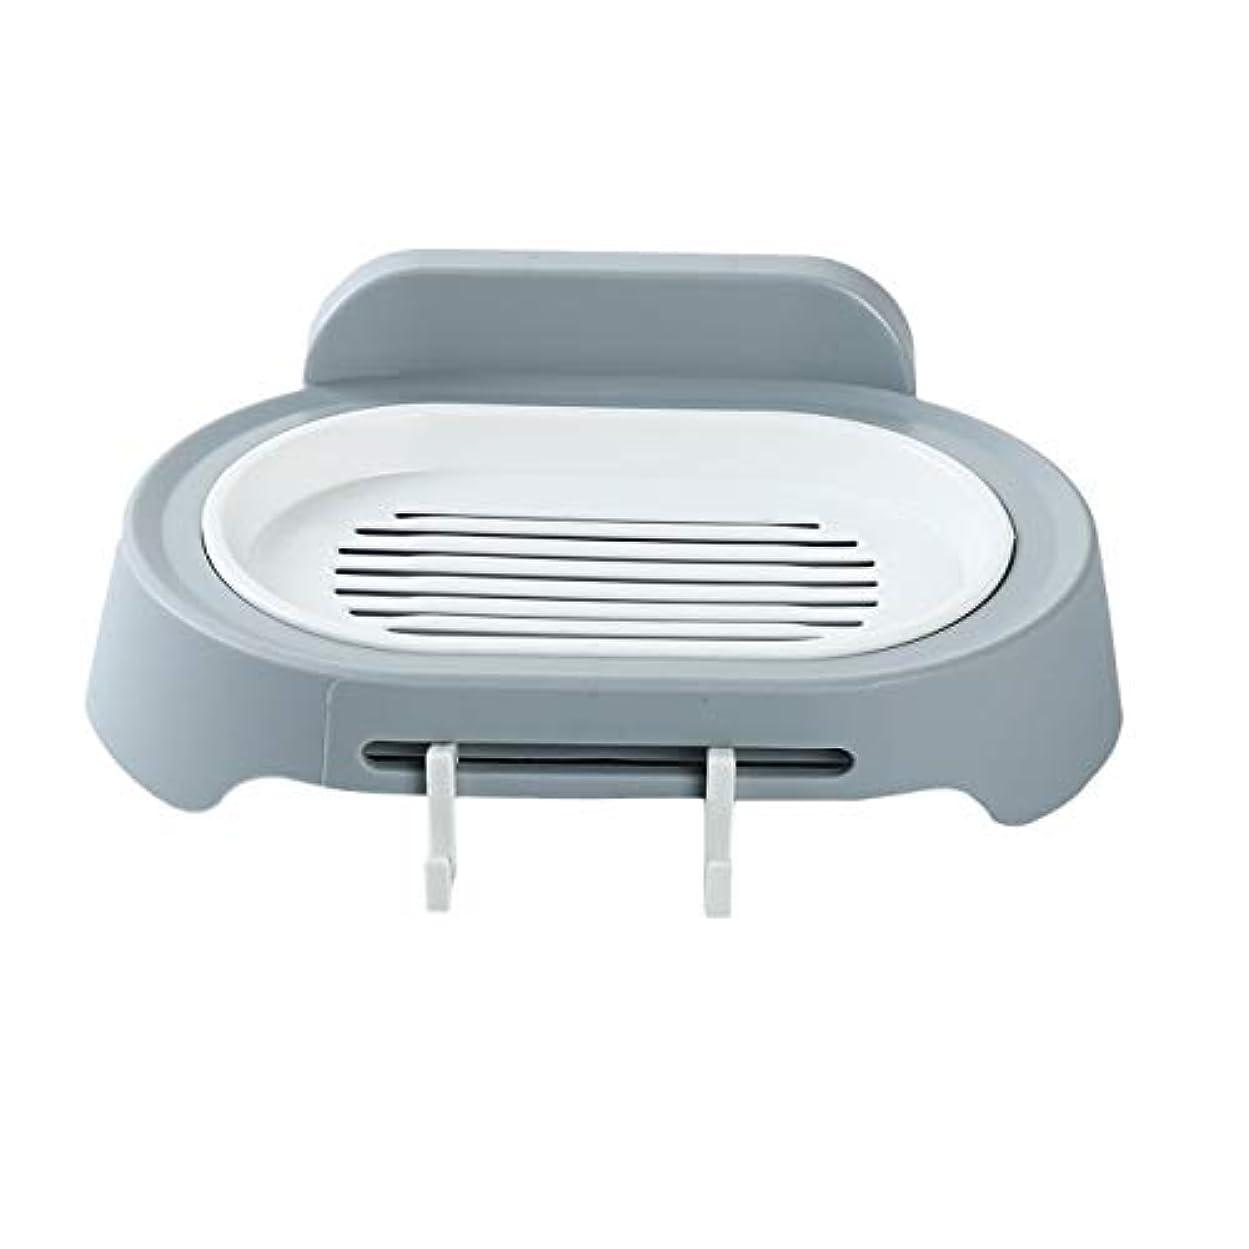 日焼けエレベーター行為ZALING 灰色のホックが付いているの浴室の石鹸の貯蔵の吸引の壁に取り付けられた石鹸のオルガナイザー